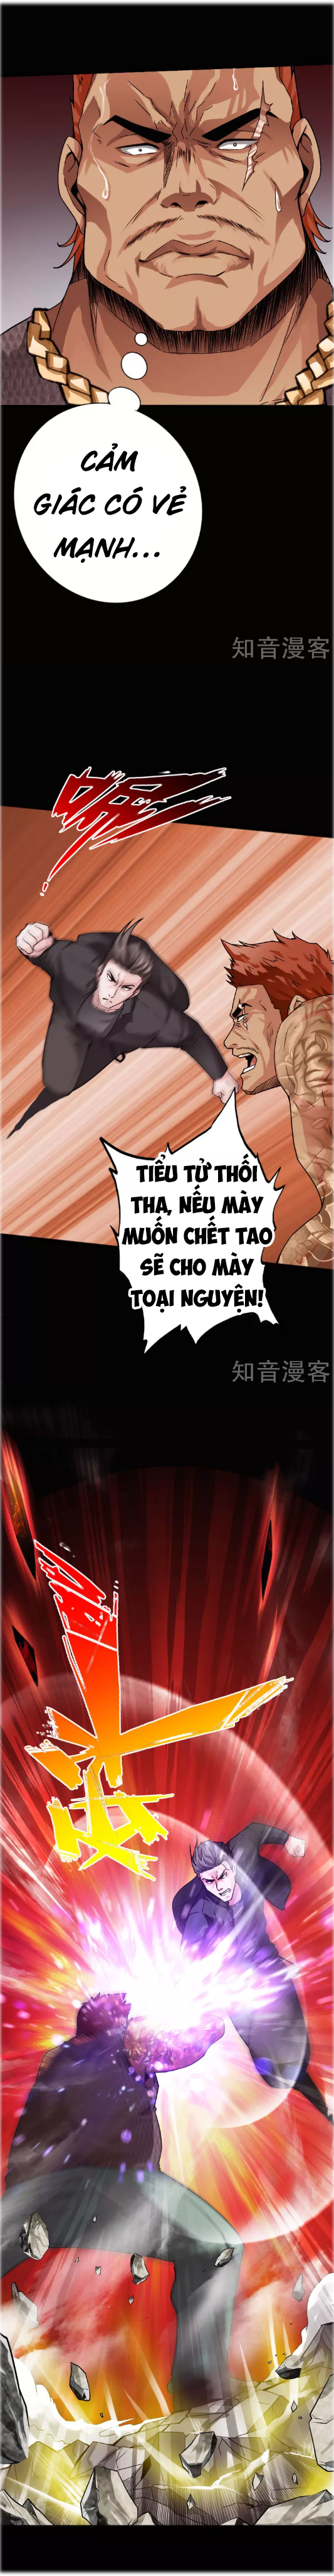 Tuyệt Phẩm Tà Thiếu Chapter 37 video - truyenmh.com